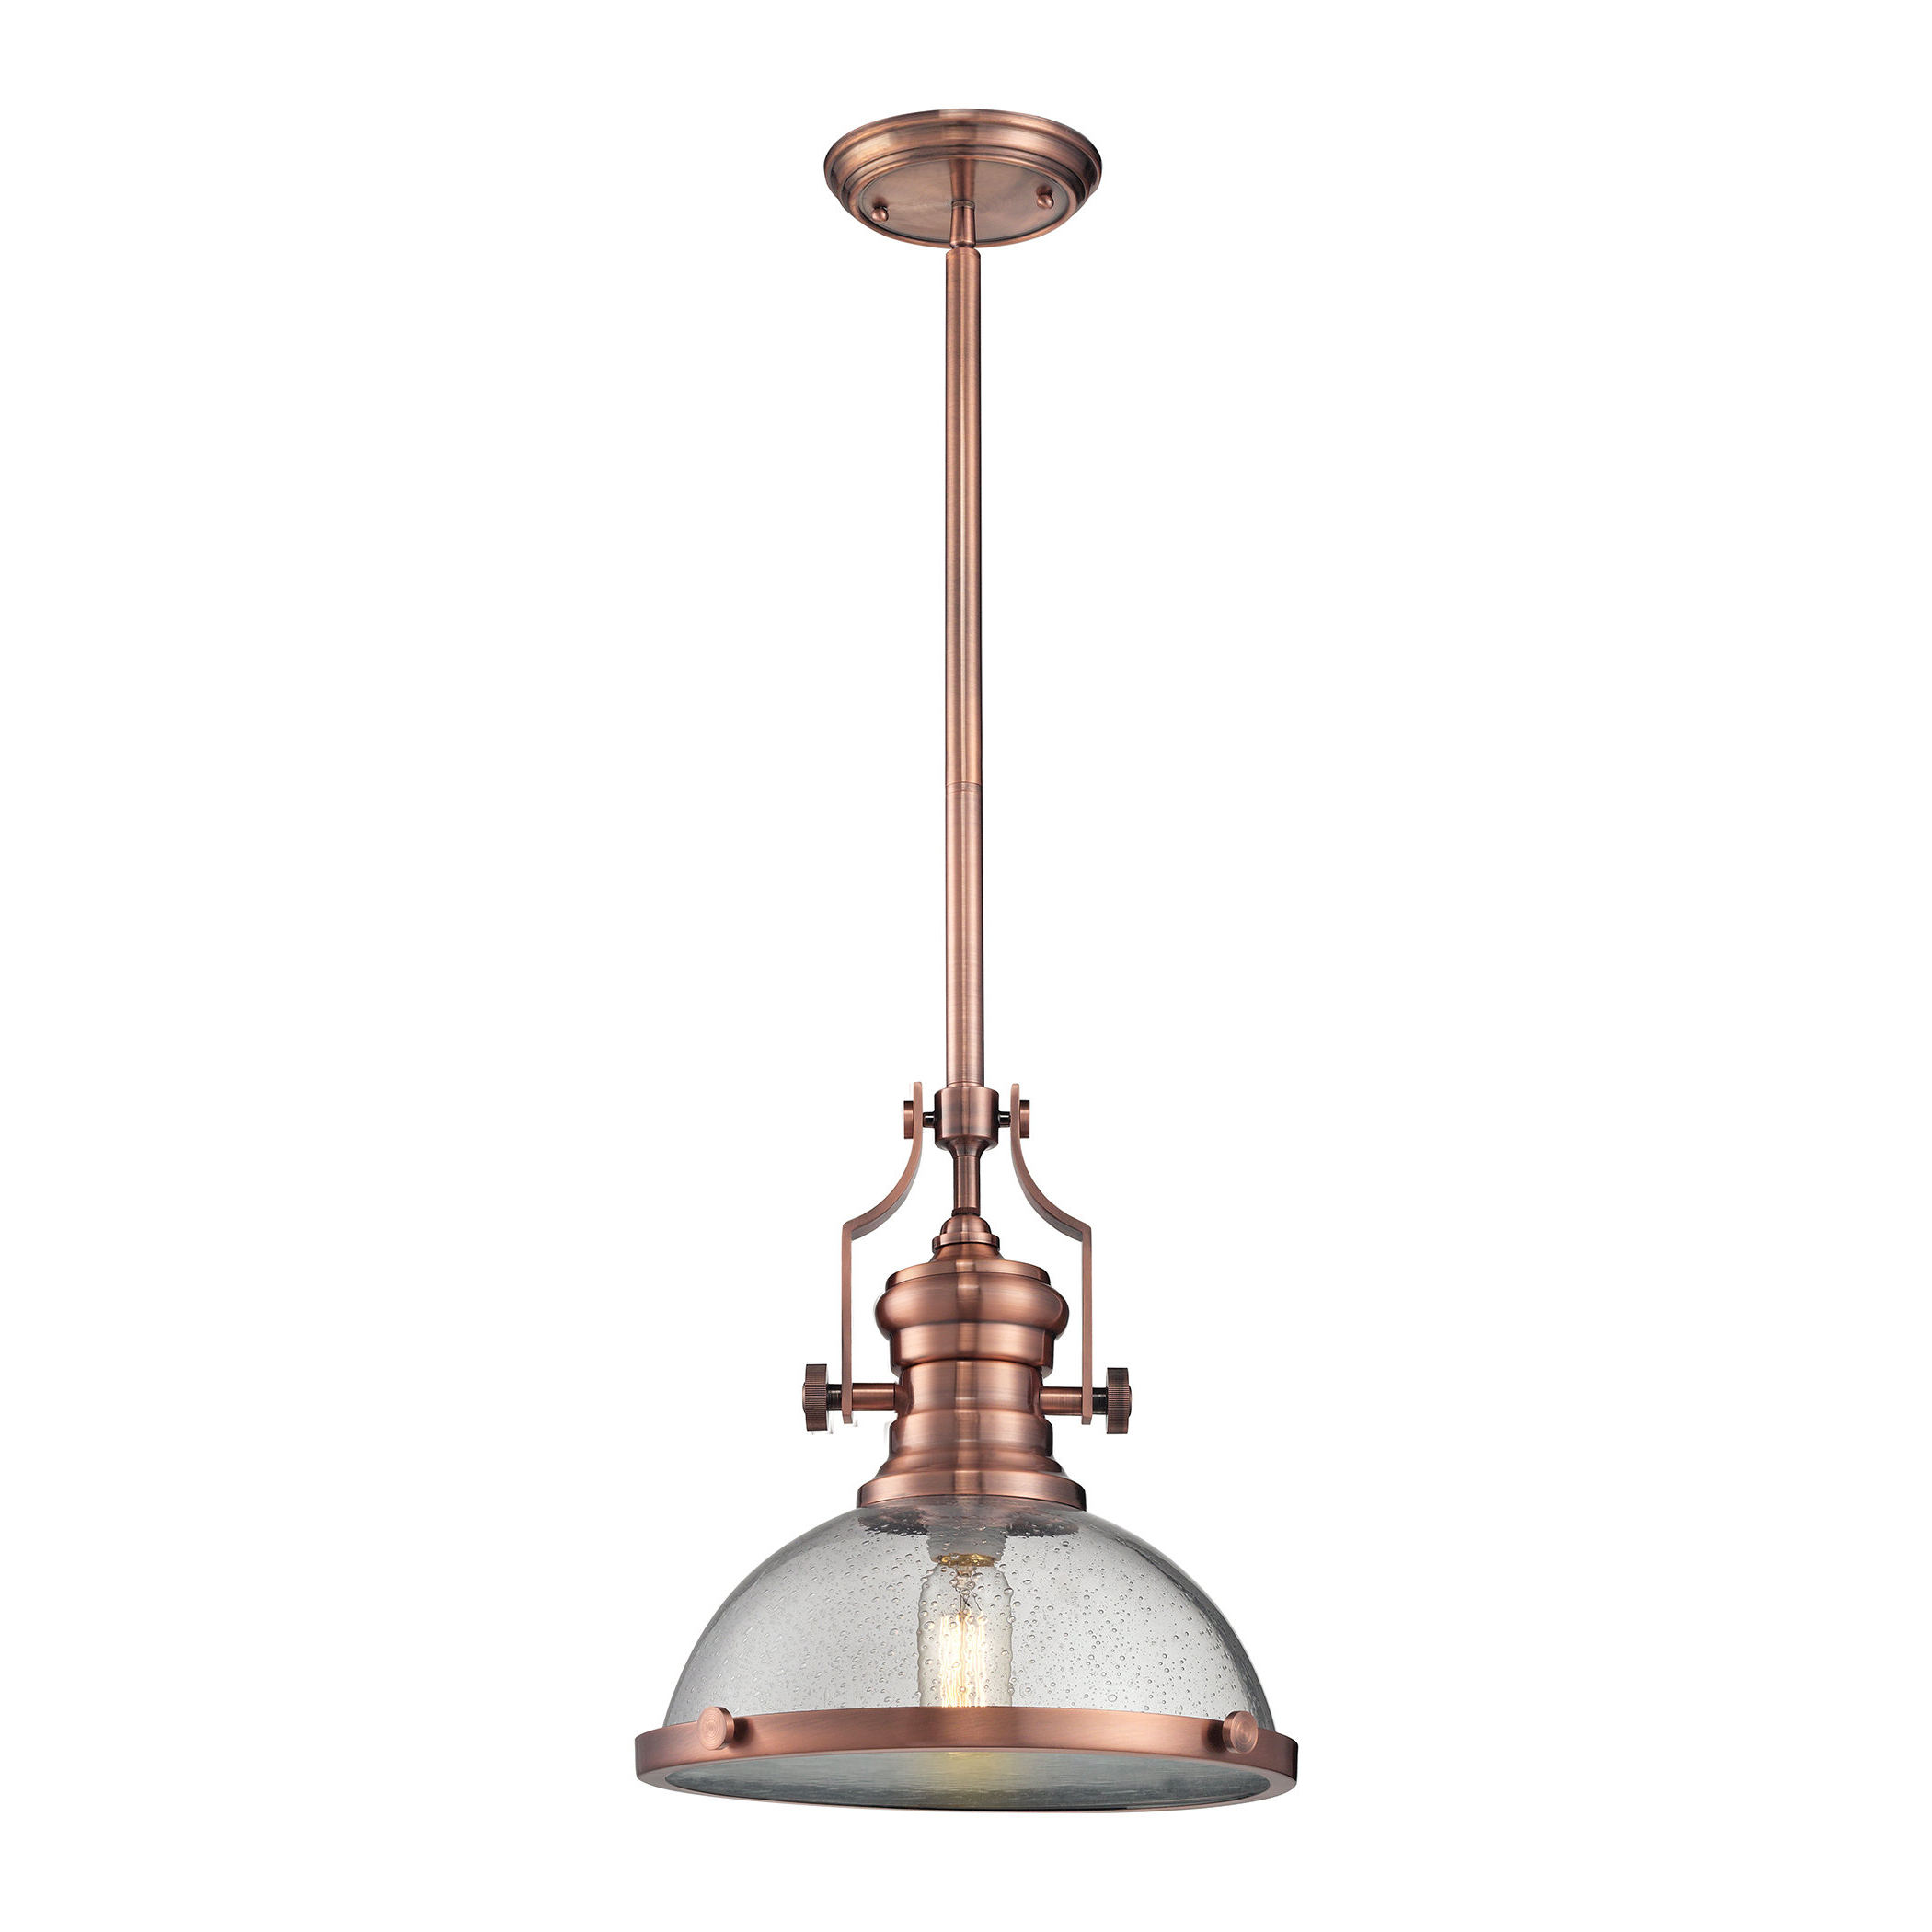 Favorite Priston 1 Light Single Dome Pendant In 1 Light Single Dome Pendants (View 10 of 20)